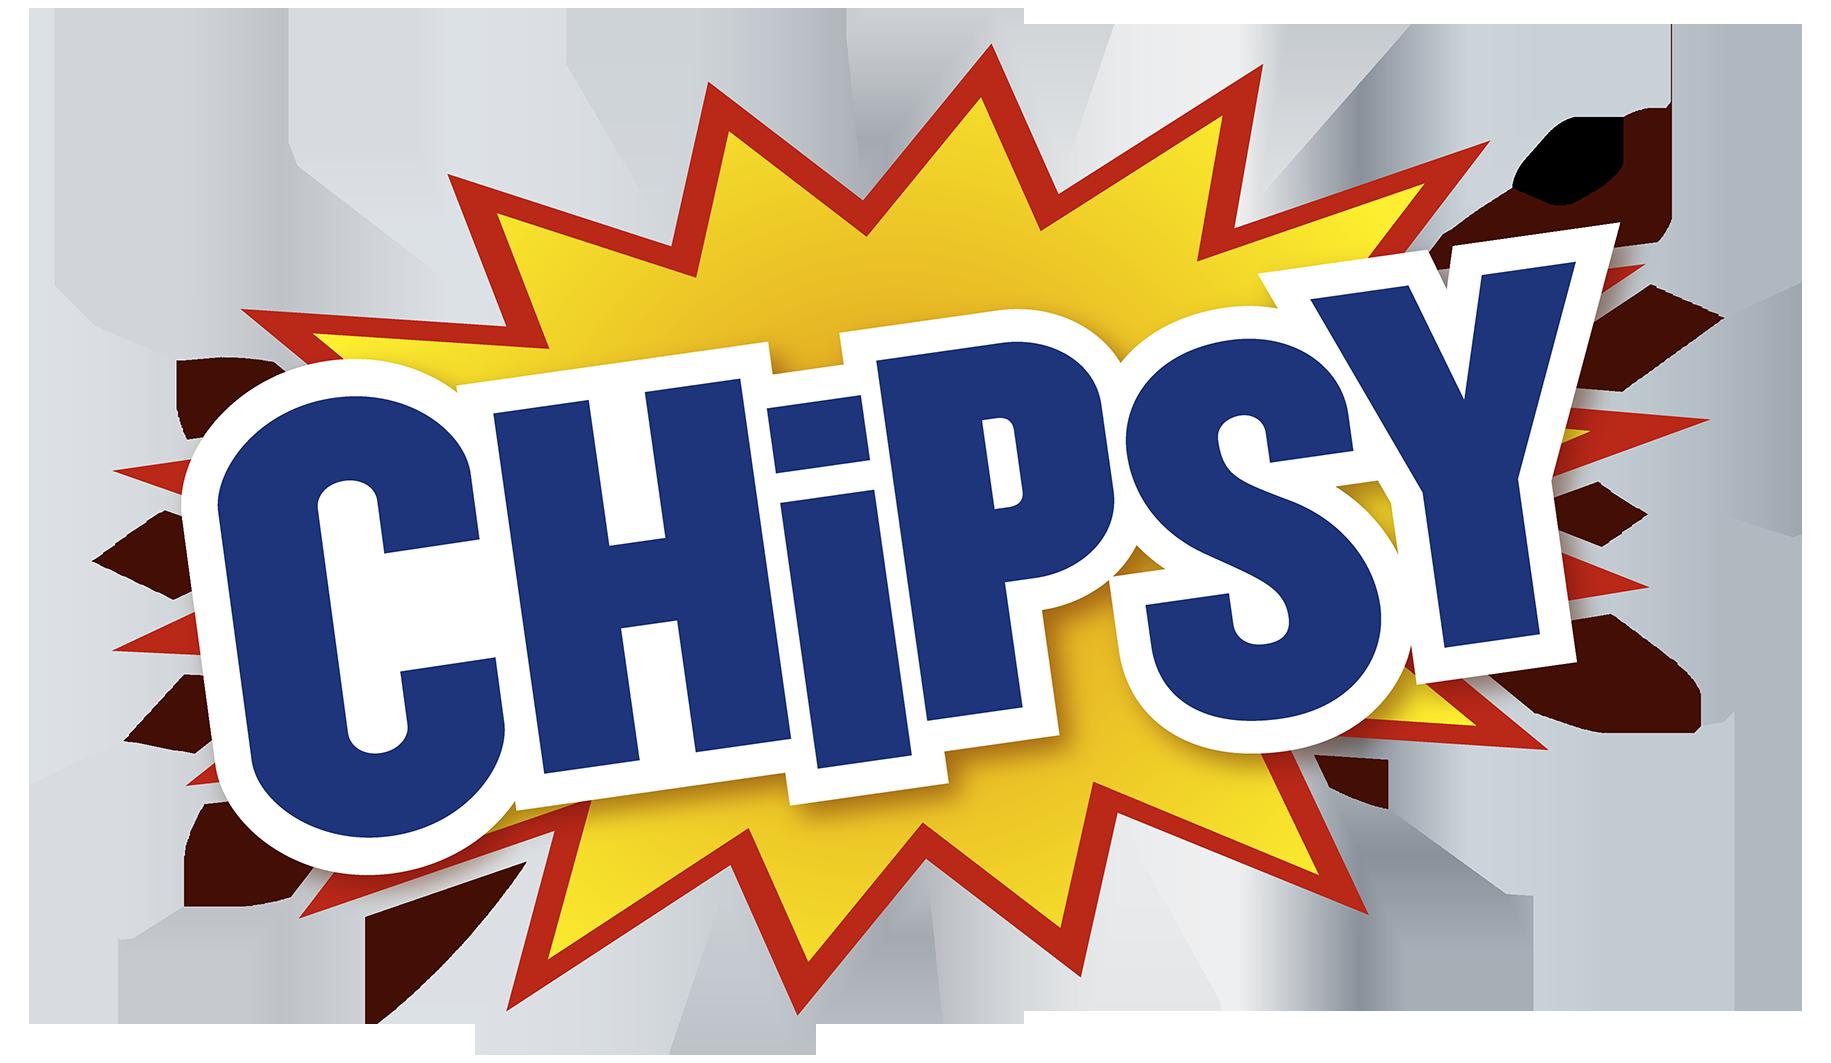 Chipsy-logo